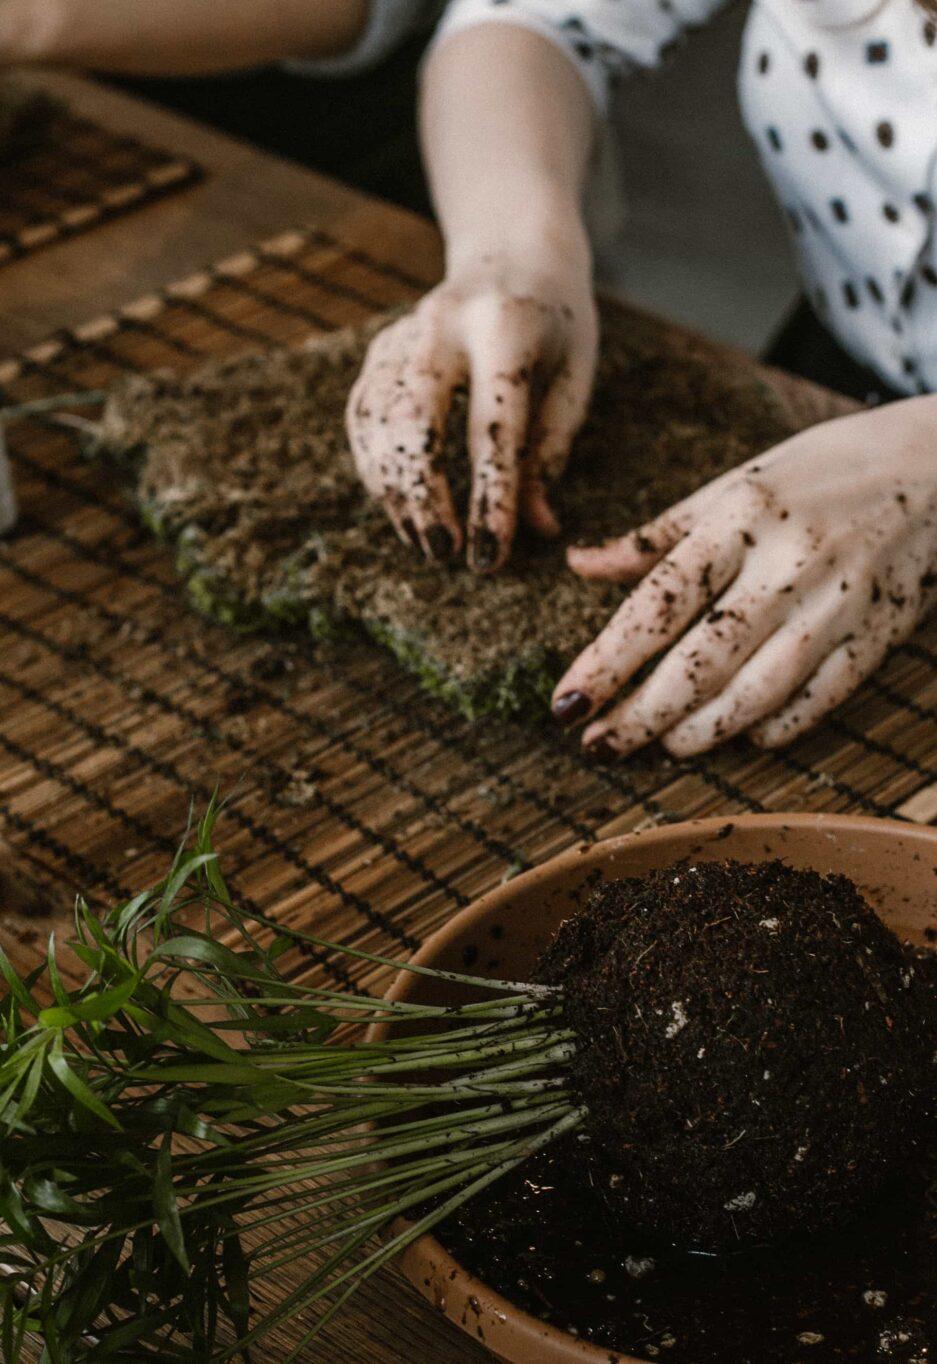 iç mekan bitki bakımı ve kokedama atölyesi cocodema